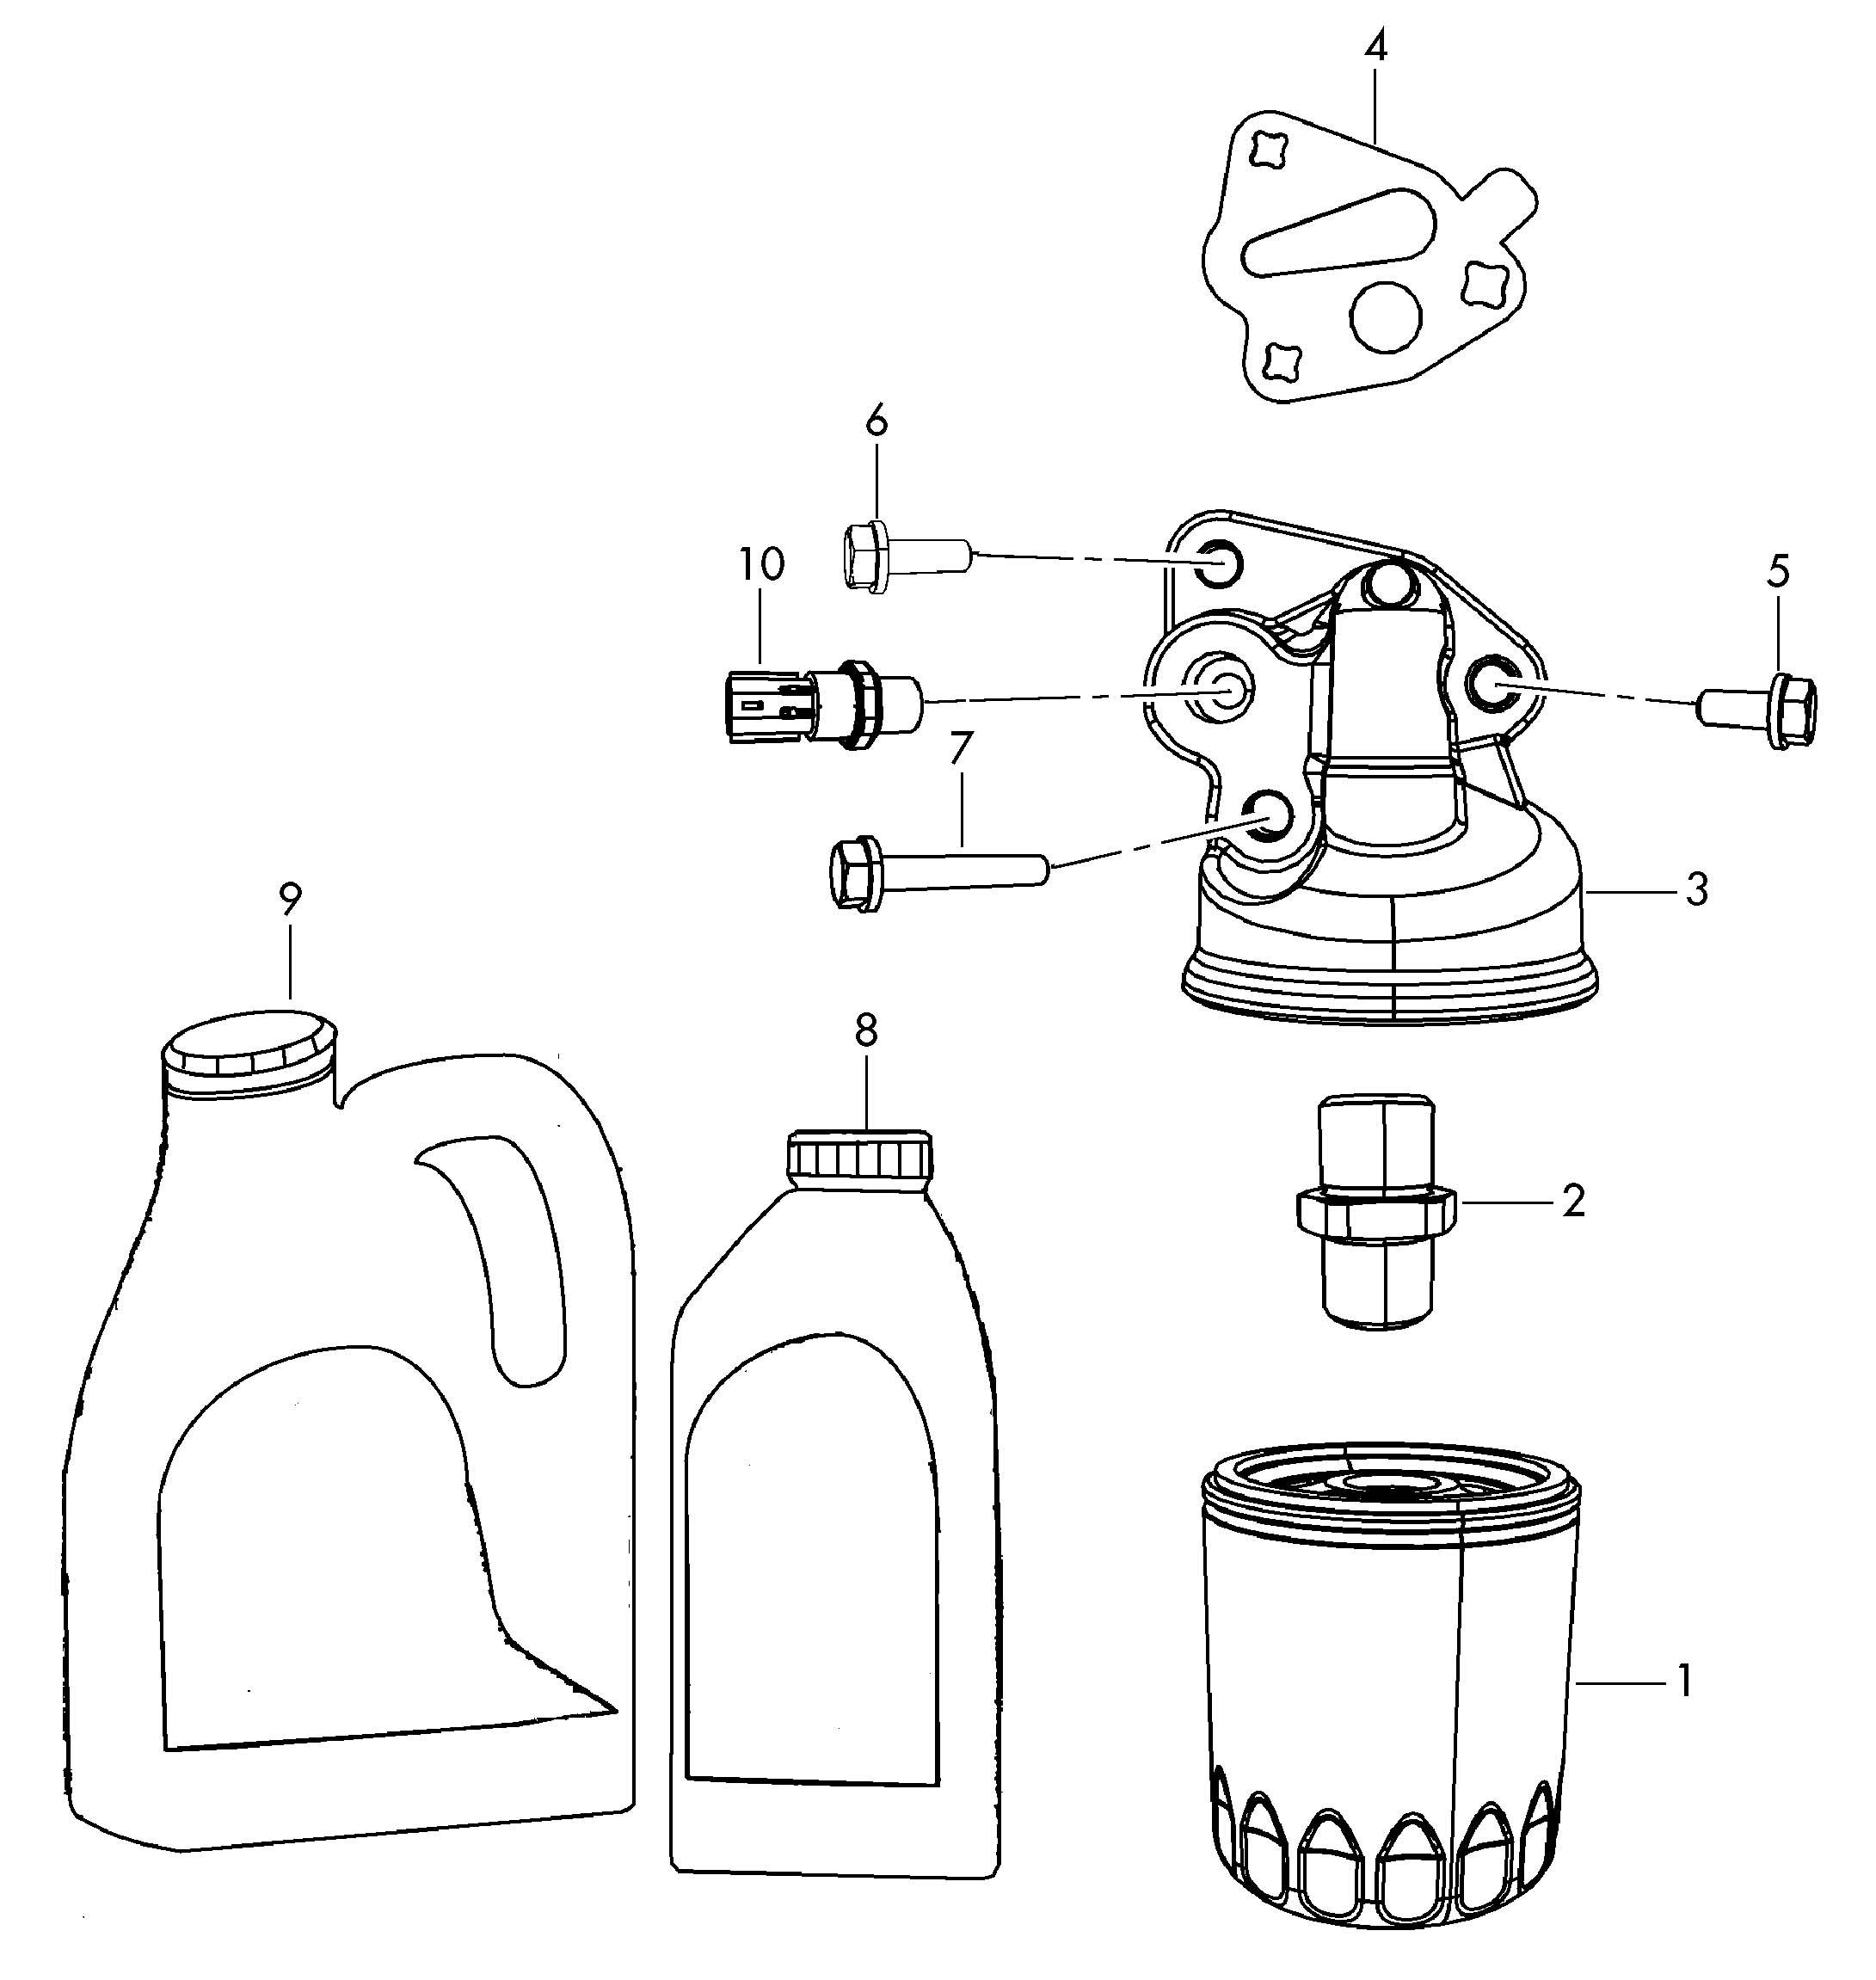 Volkswagen Routan Filter Oil Filters